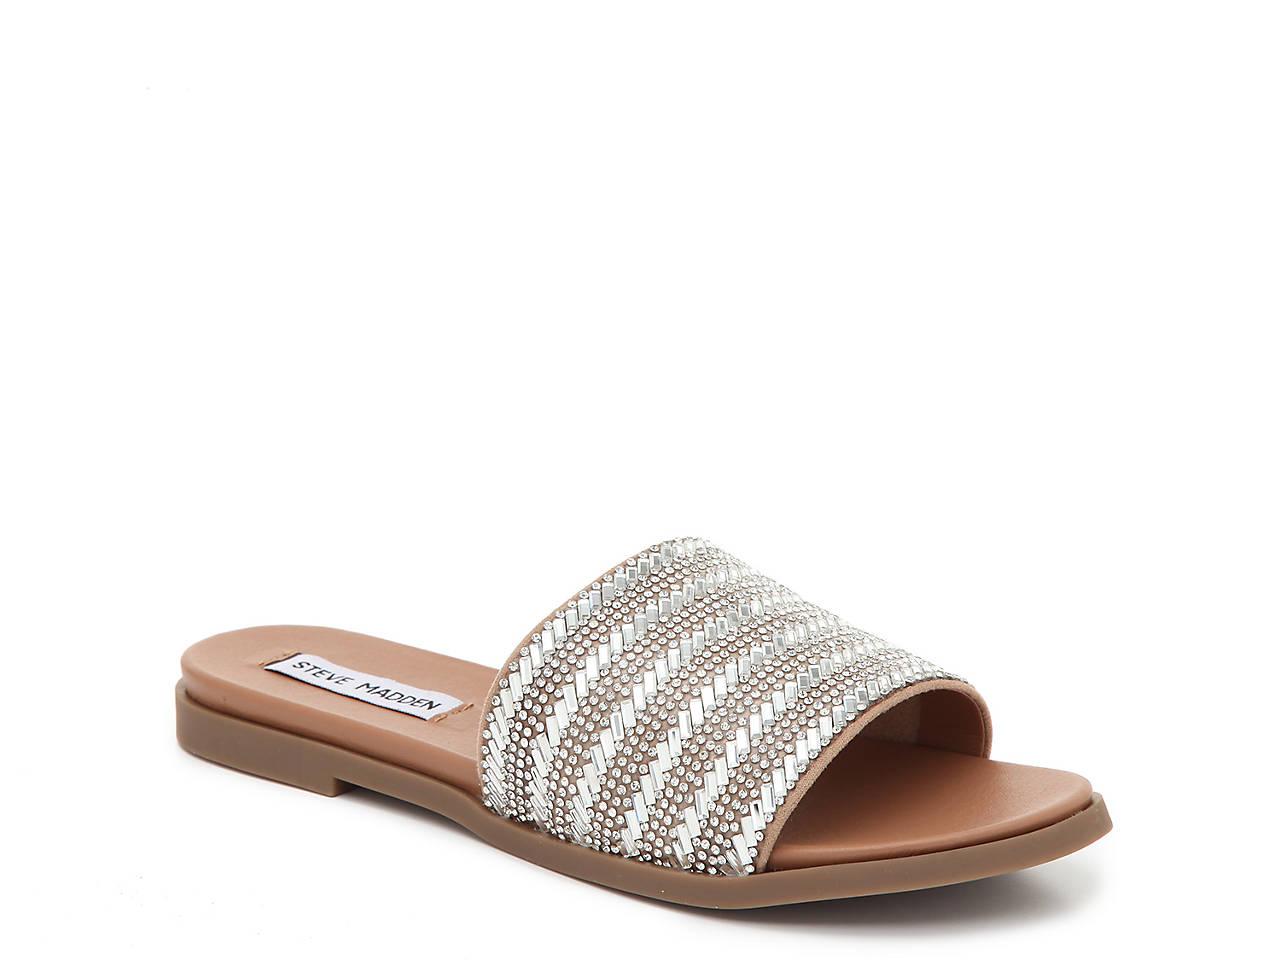 2fda322f531306 Steve Madden Karot Sandal Women s Shoes